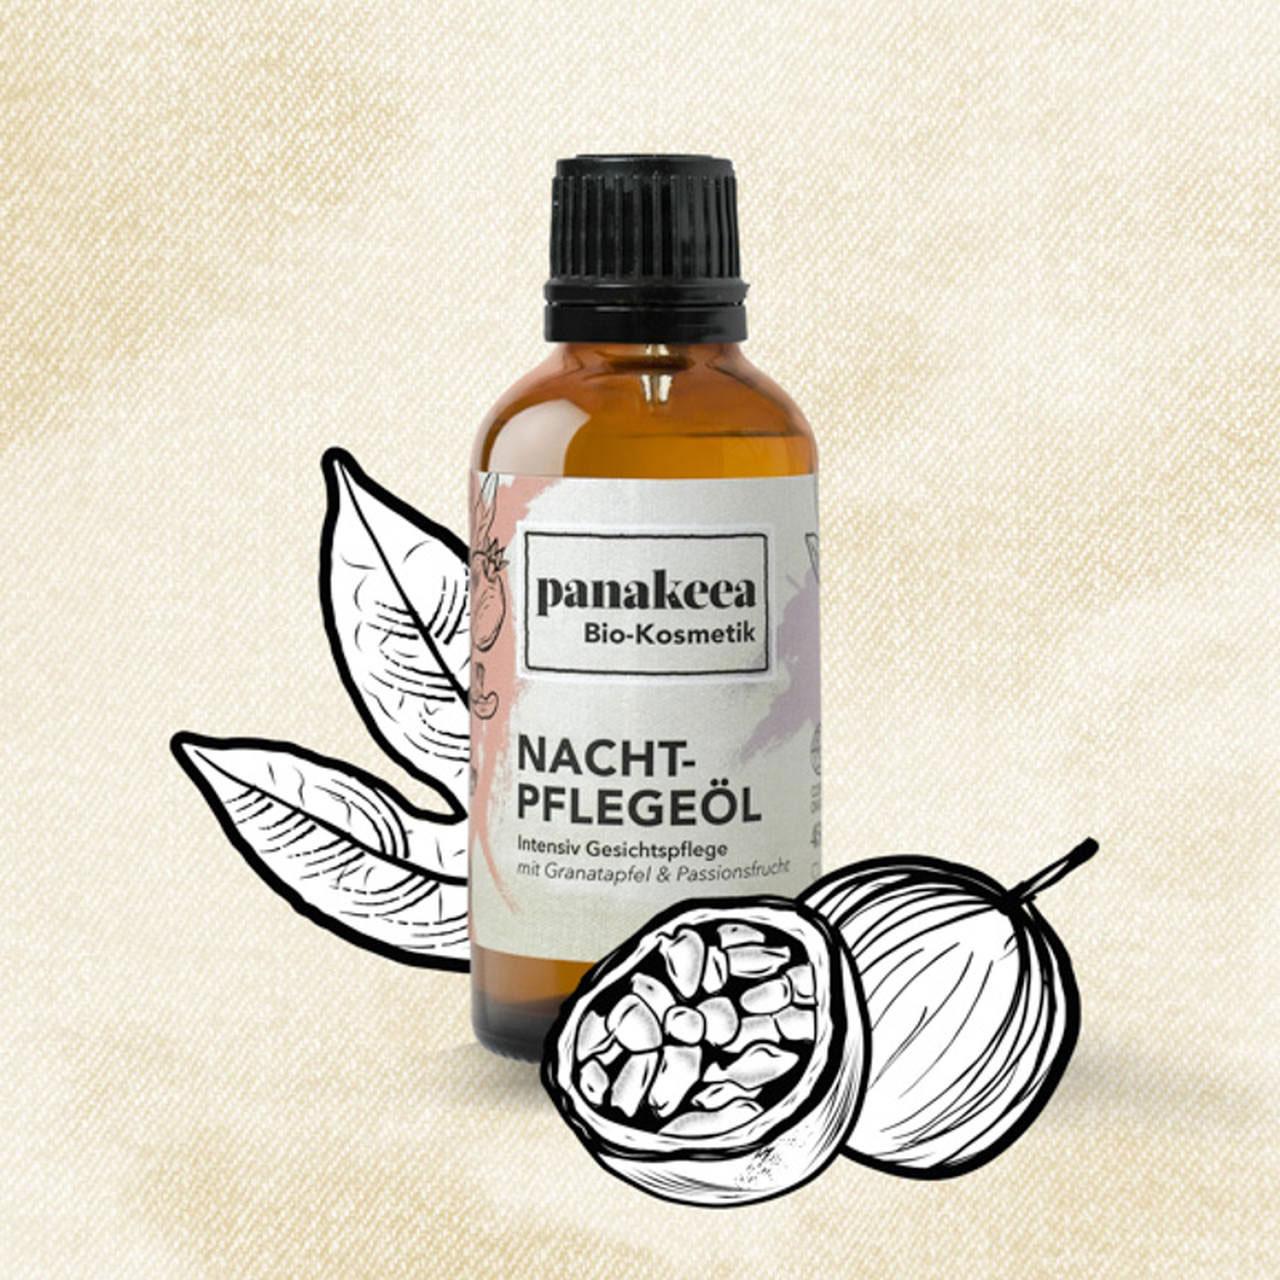 nachtpflegeöl aus natürlichen Zutaten von panakeea